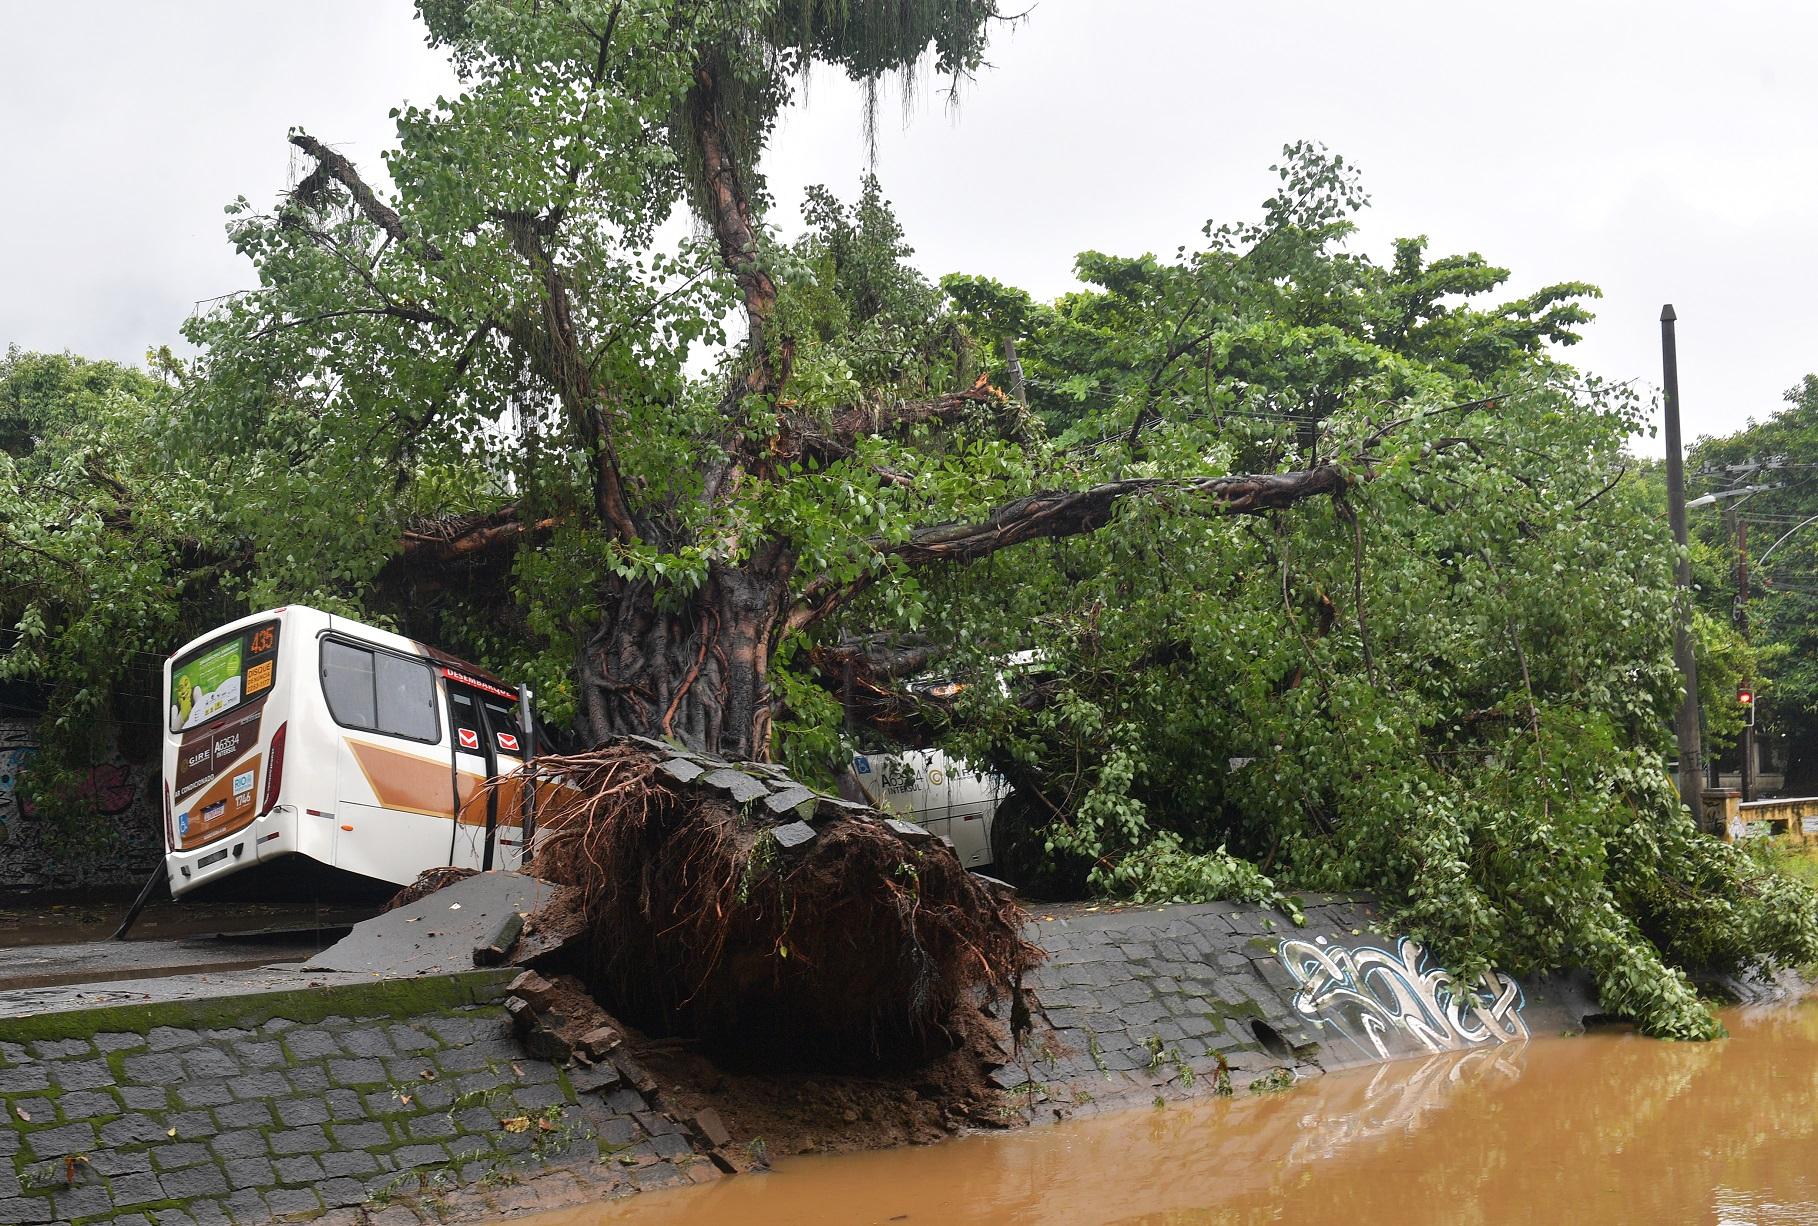 Ônibus atingido por uma árvore durante as fortes chuvas que atingiram o Rio na última segunda-feira. Foto Carl de Souza